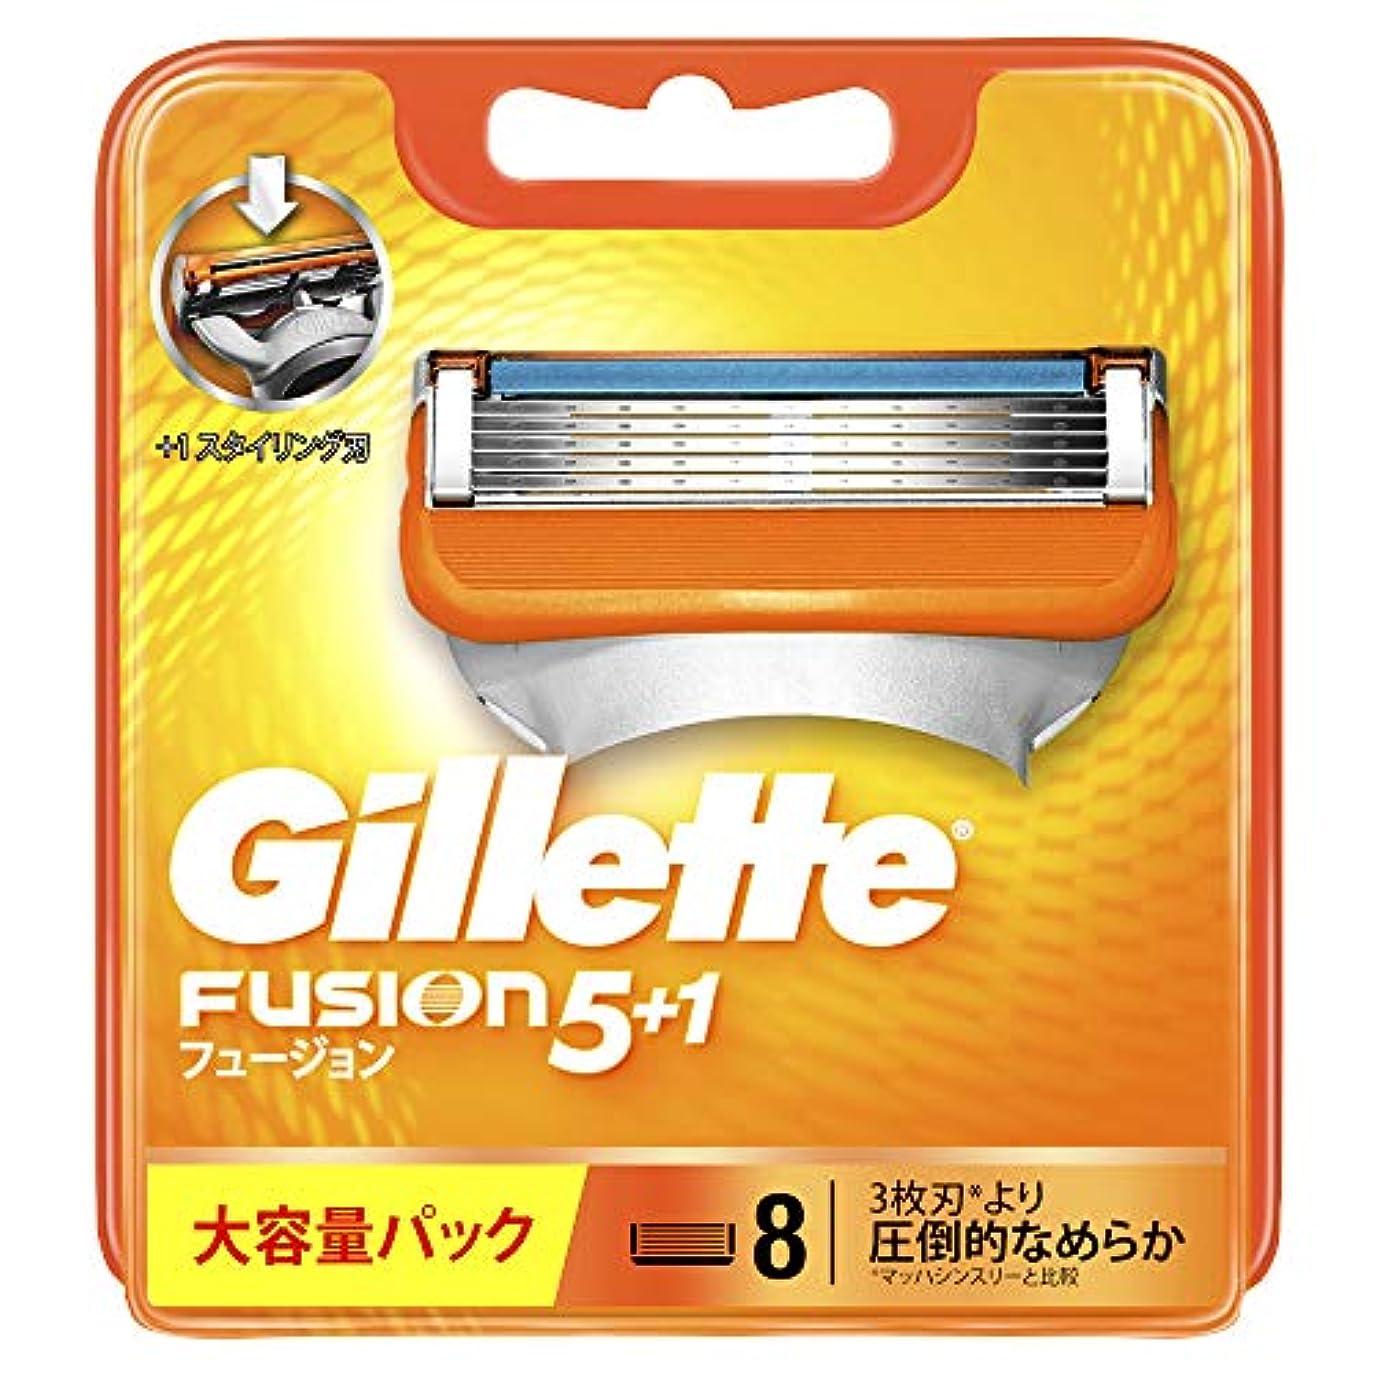 崩壊地域の焼くジレット フュージョン5+1 マニュアル 髭剃り 替刃 8コ入